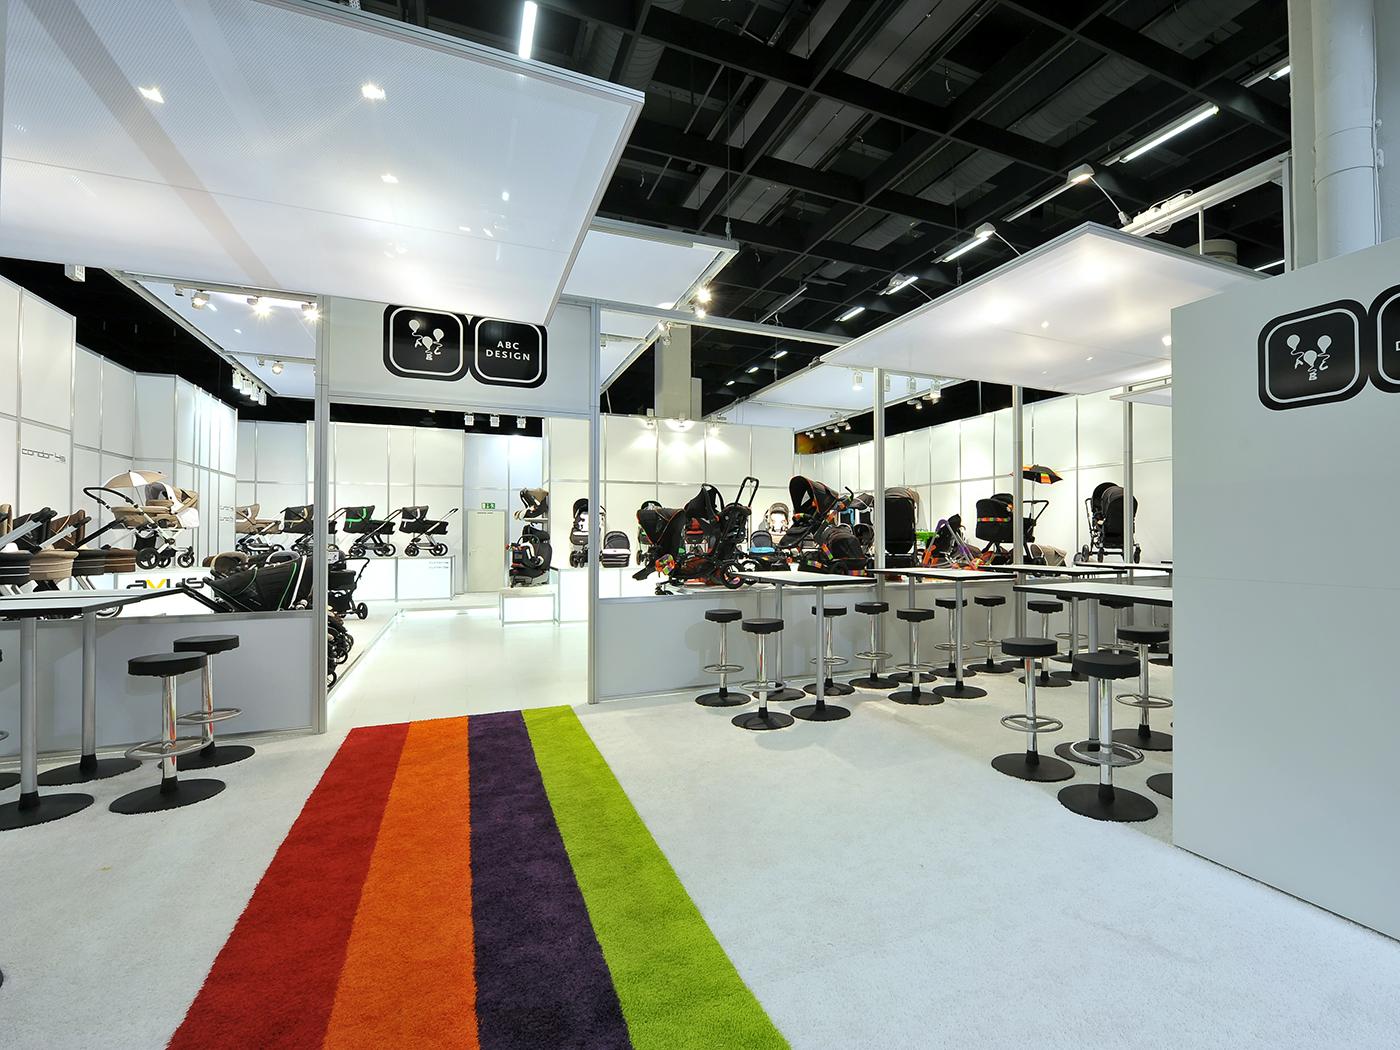 FX Design - Messestand - ABC Kind & Jugend 2012